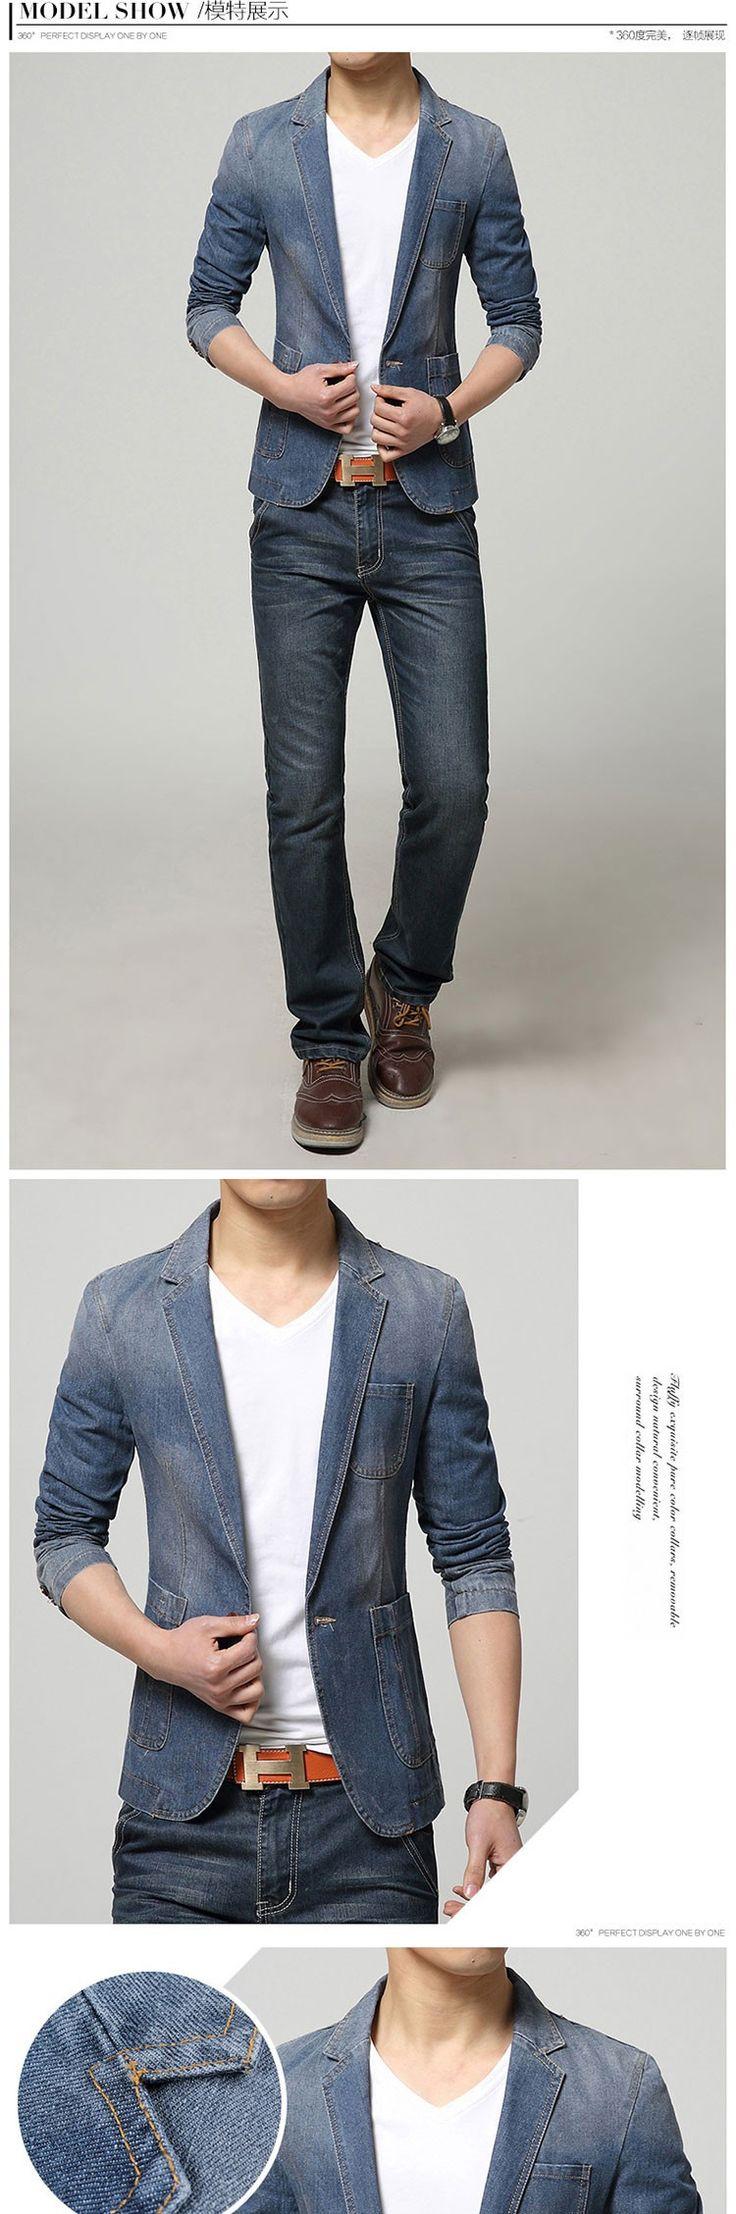 Caliente 2015 nueva primavera moda marca hombres chaqueta de hombre vaqueros de tendencia se adapta al juego ocasional Jean Jacket Men Slim Fit traje chaqueta de mezclilla hombres - La ropa de los hombres baratos